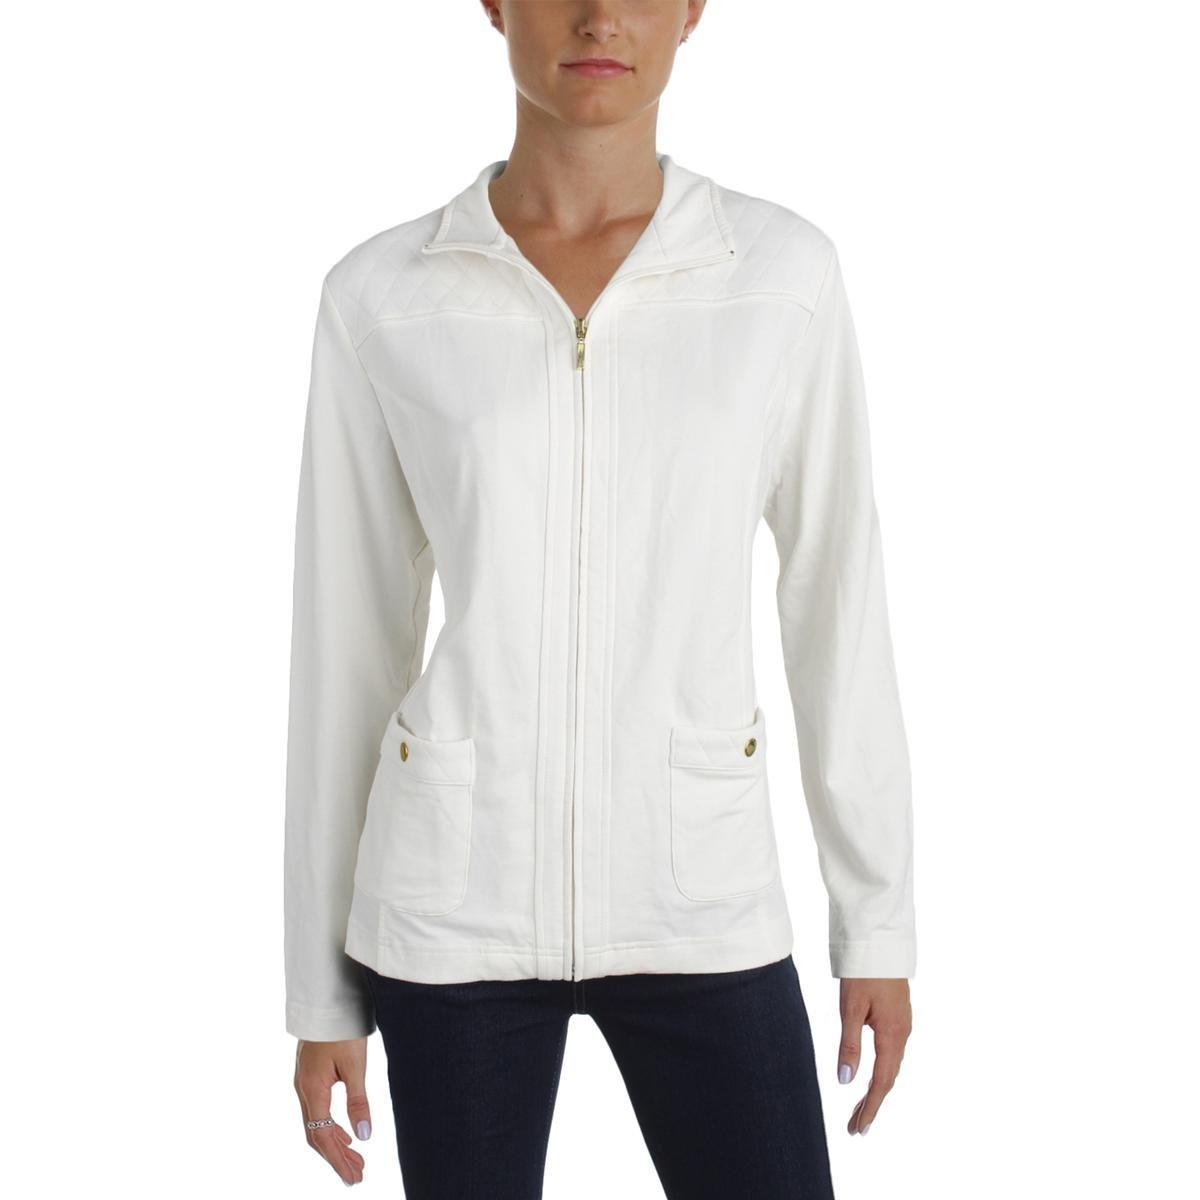 Karen Scott Womens Quilted Zip-Front Fleece Jacket 27012-155